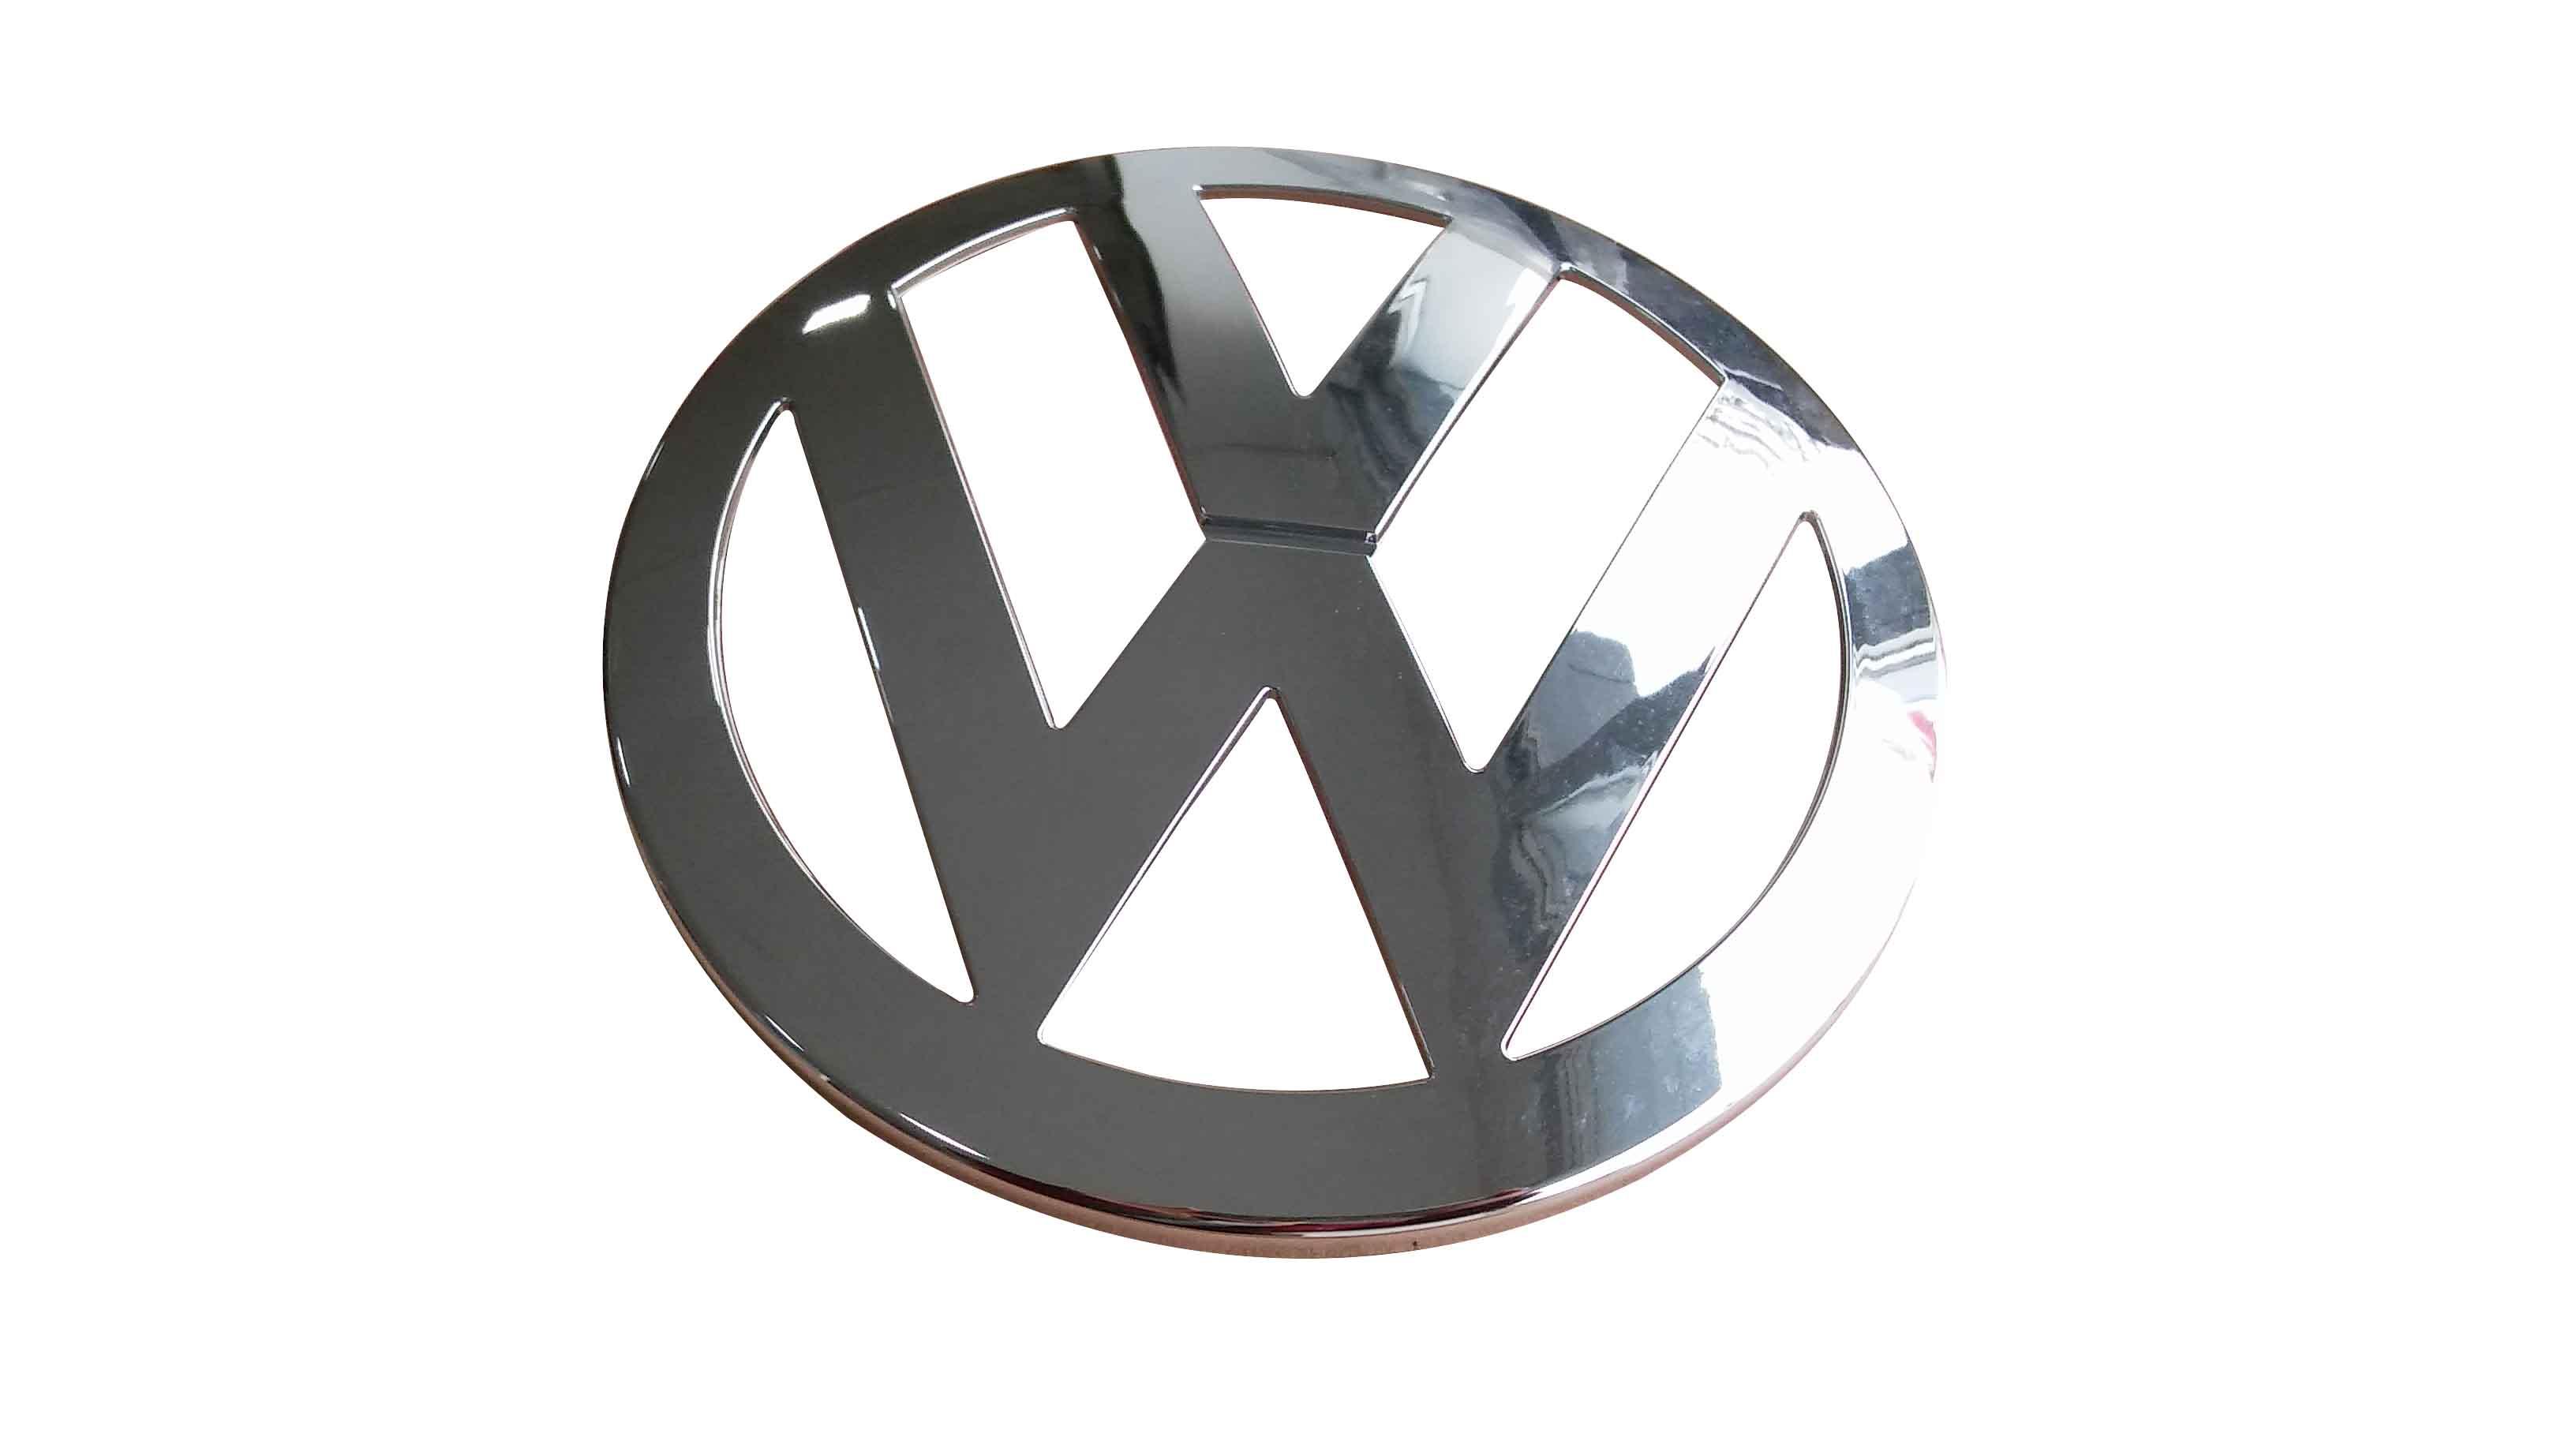 Arma Ön - Volkswagen - Crafter  - Transporter T6